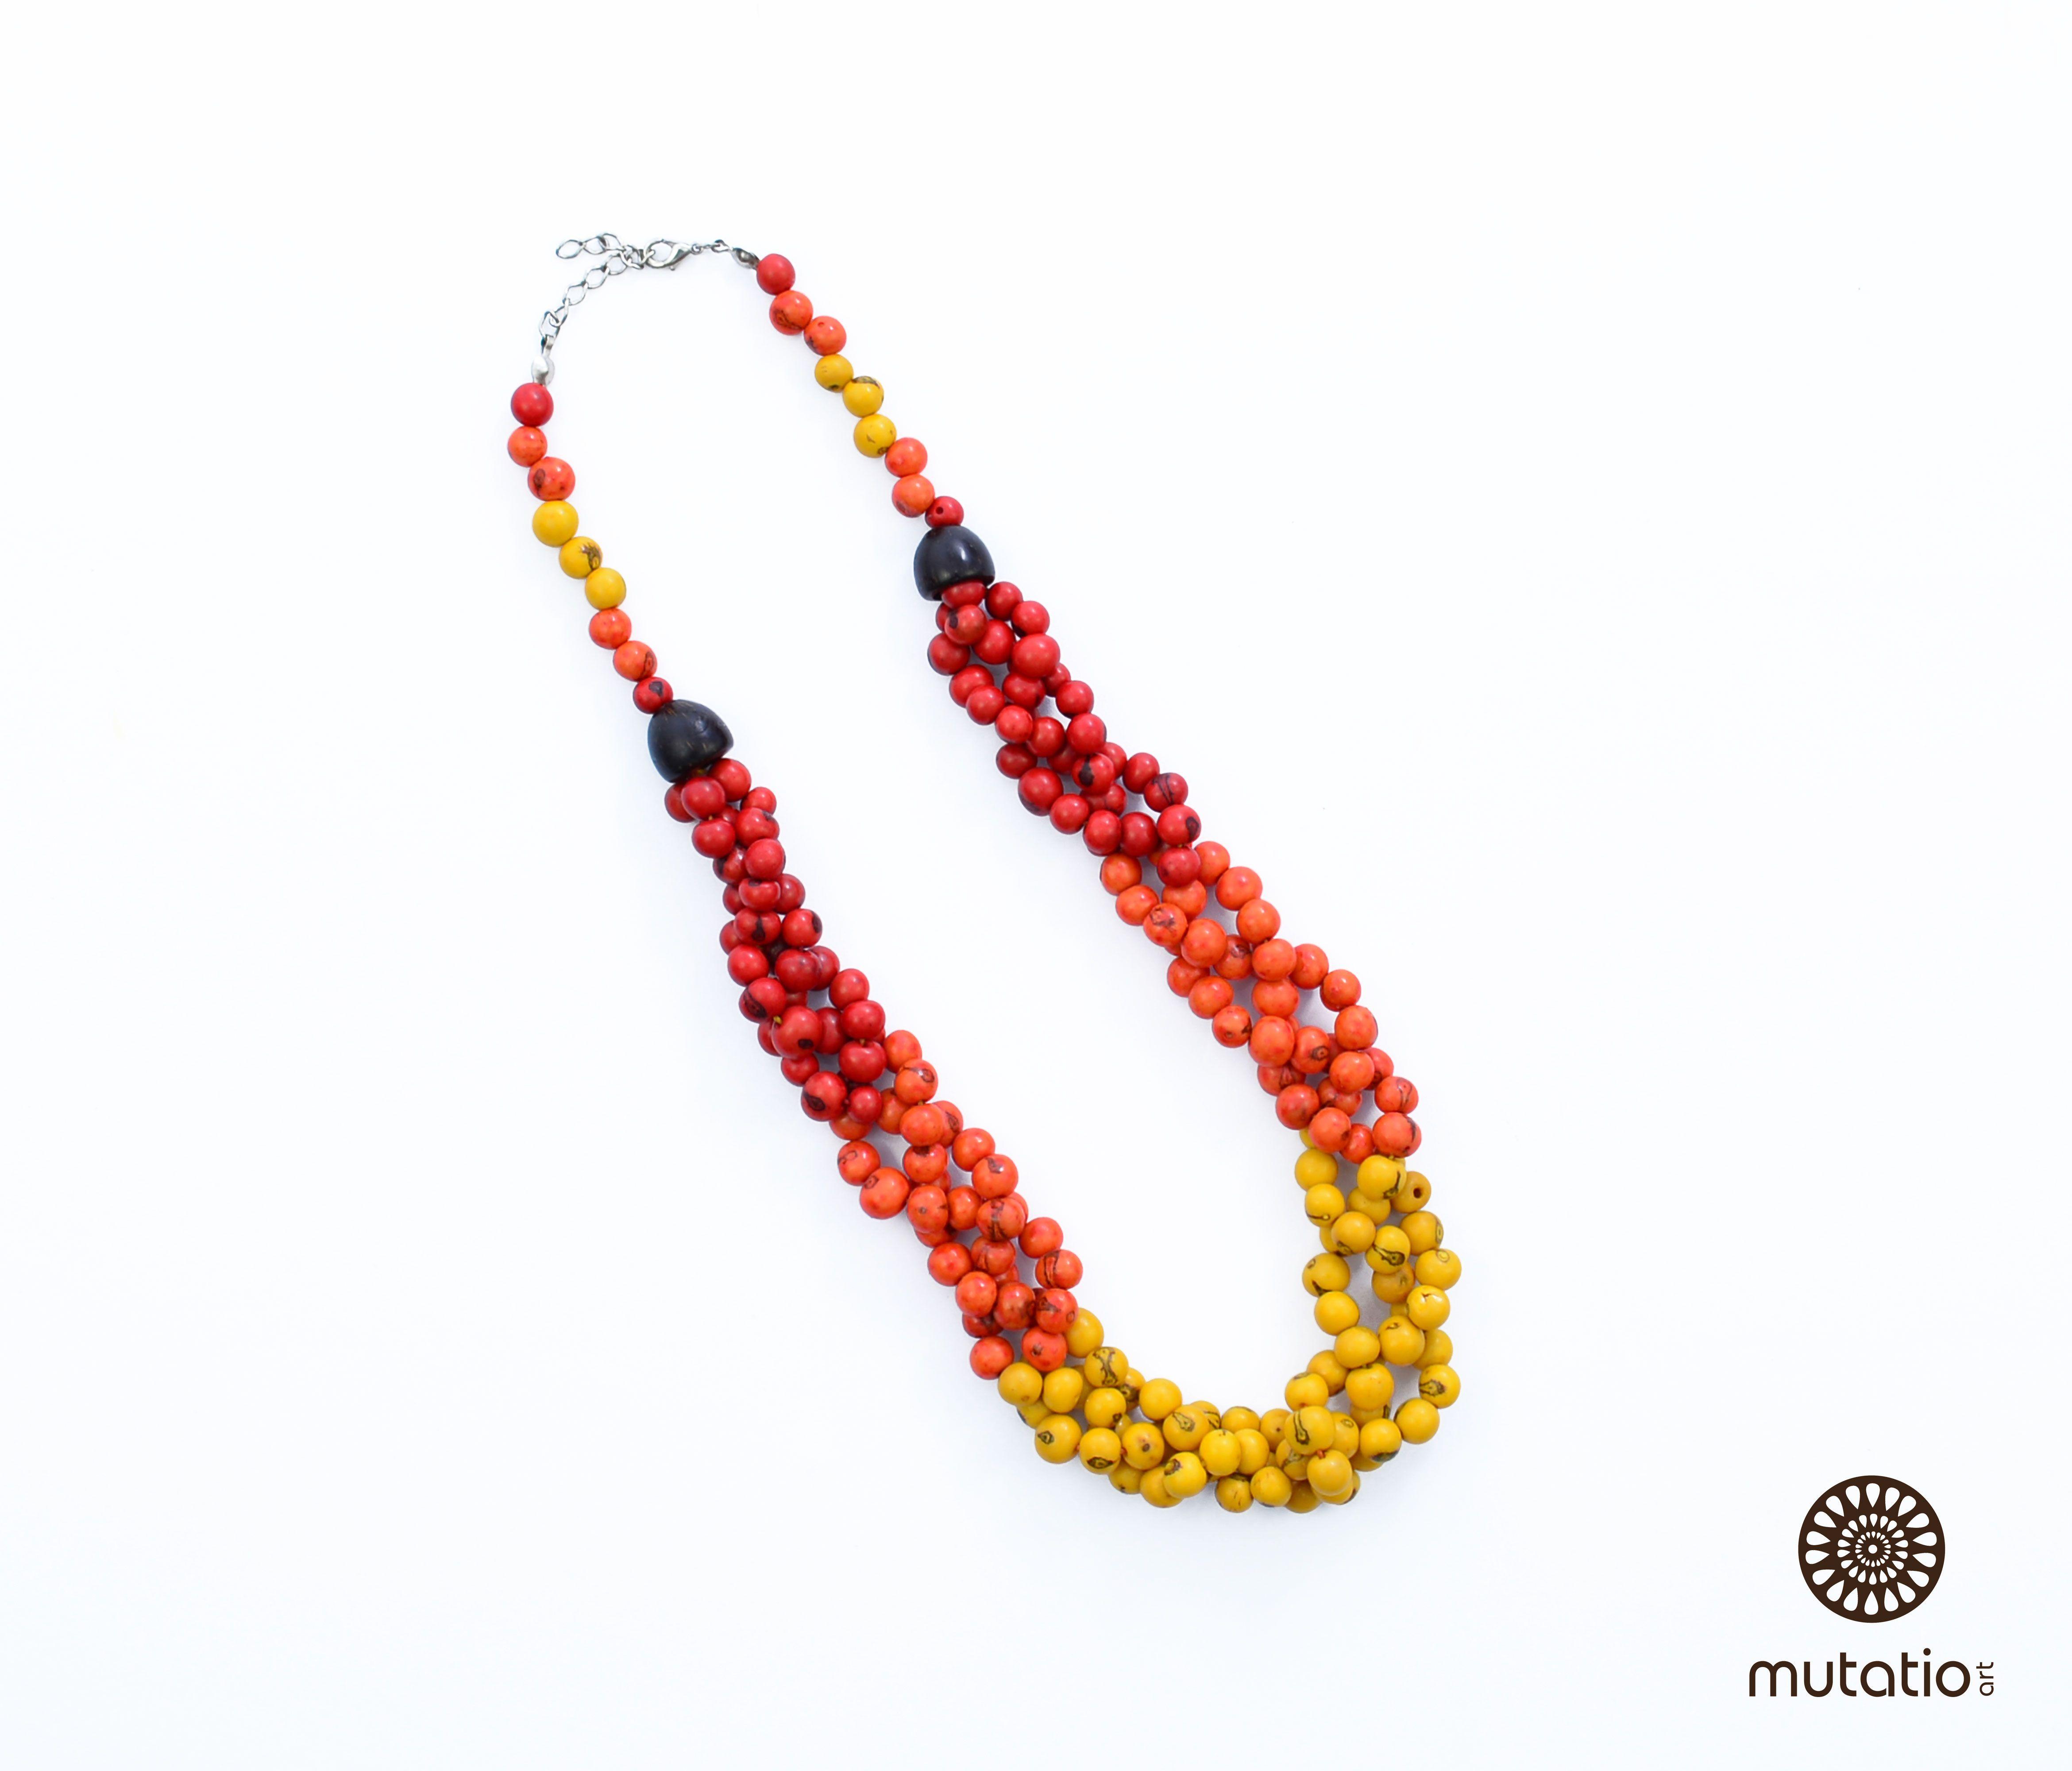 Colar Trançado Açaí (Cores Quentes) #acessorios #colar #biojoia #biojewels #fashion #eco http://www.elo7.com.br/colar-trancado-acai-cores-quentes/dp/4DAF3C